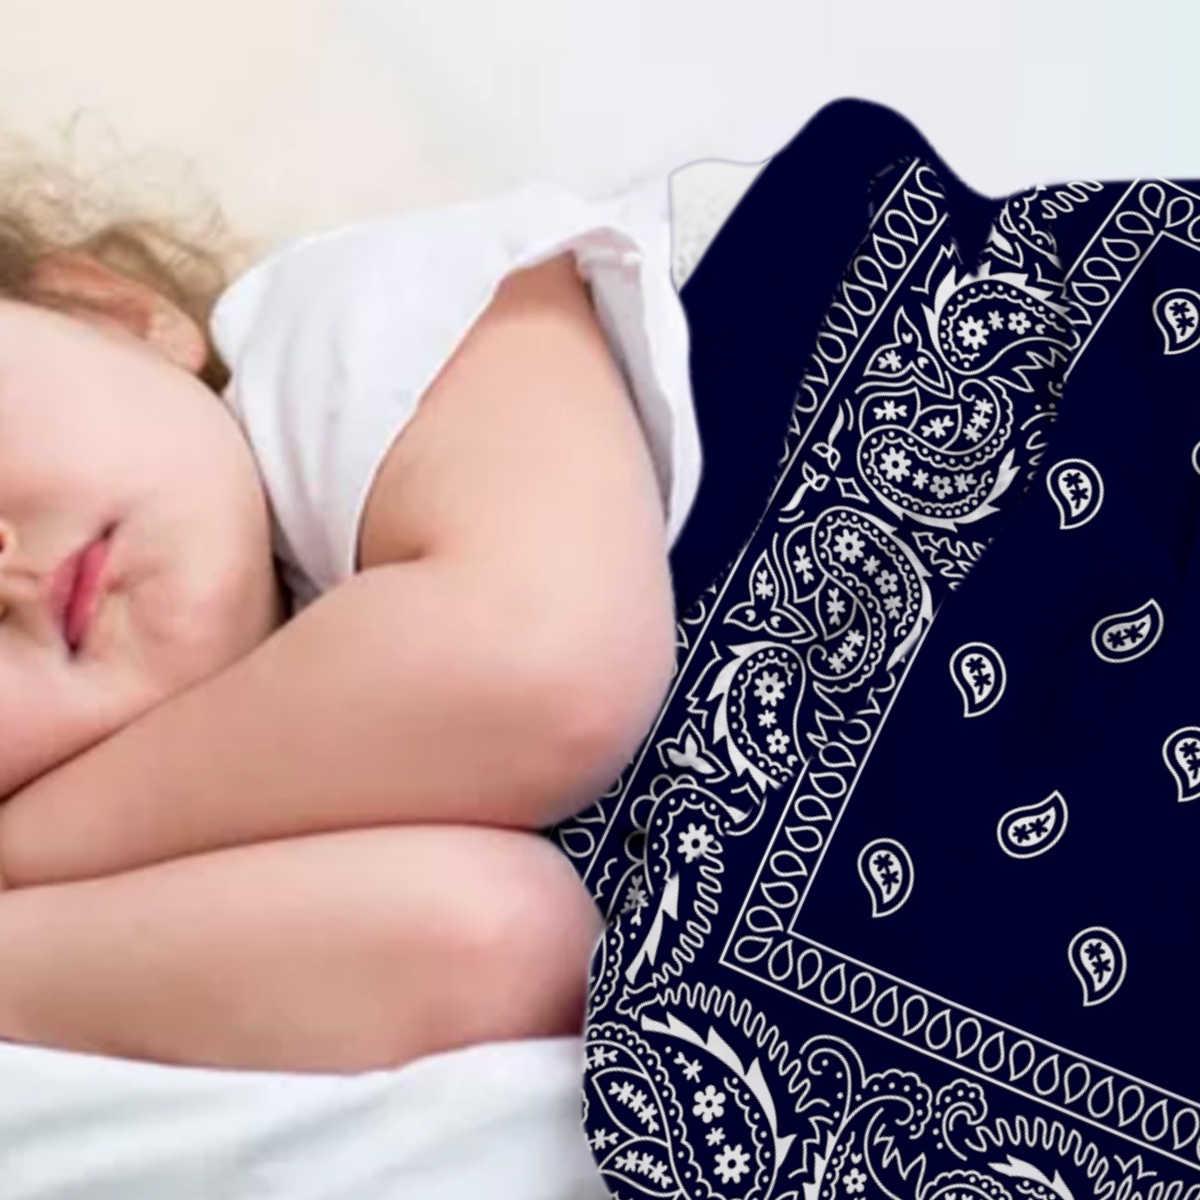 ผ้าพันคอน้ำเงินตะวันตกเฉียงใต้โยนผ้าห่มไมโครไฟเบอร์ผ้าห่มผ้าห่มสำหรับห้องนอน